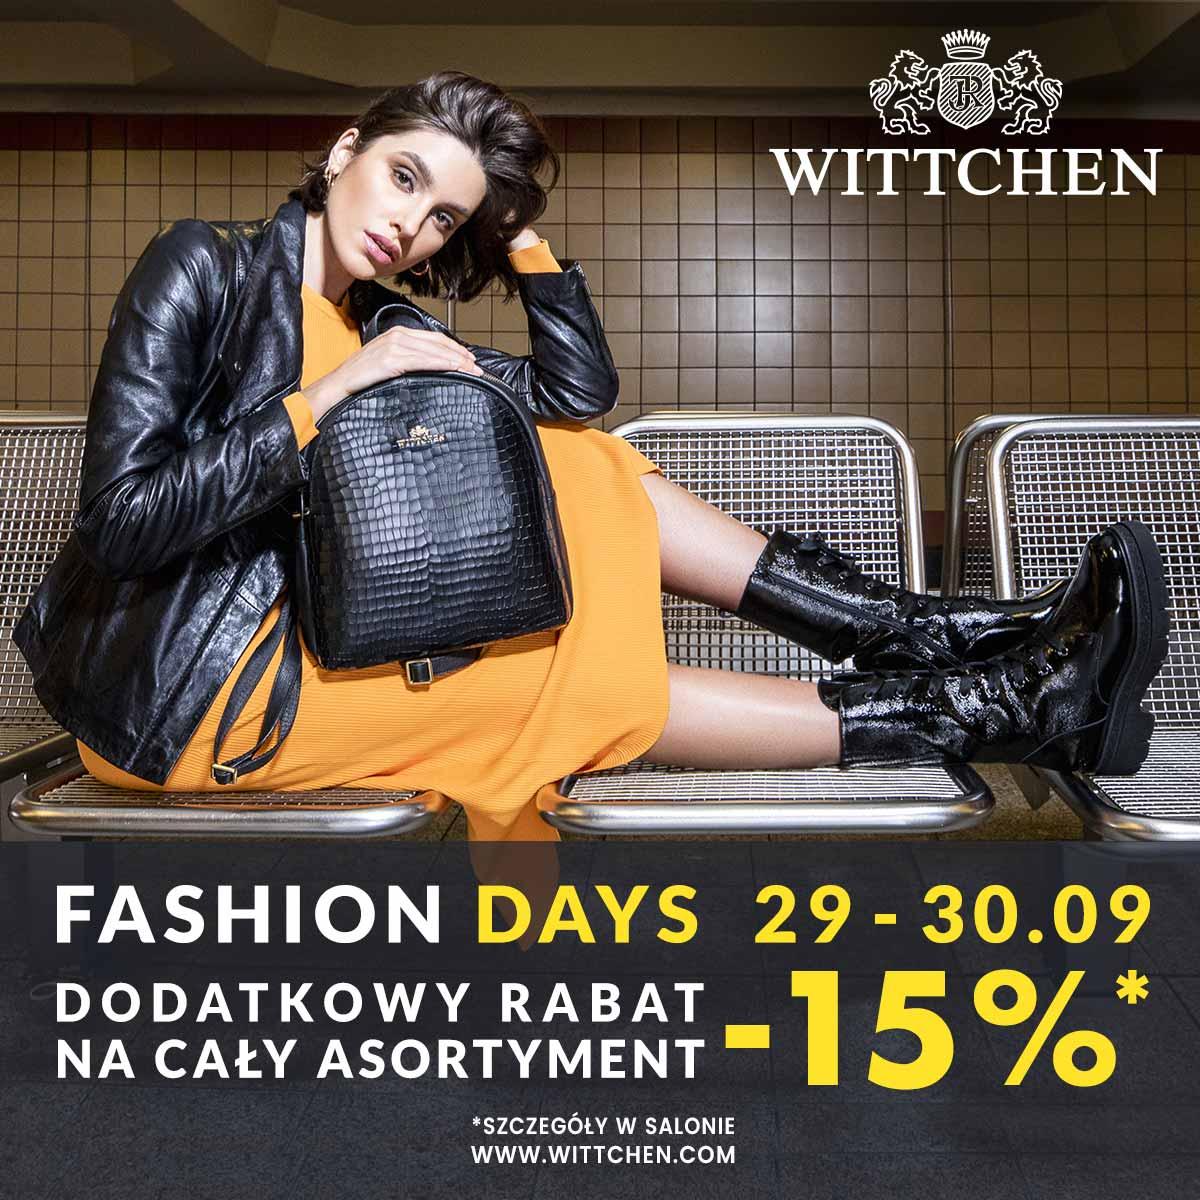 FASHION DAYS w WITTCHEN